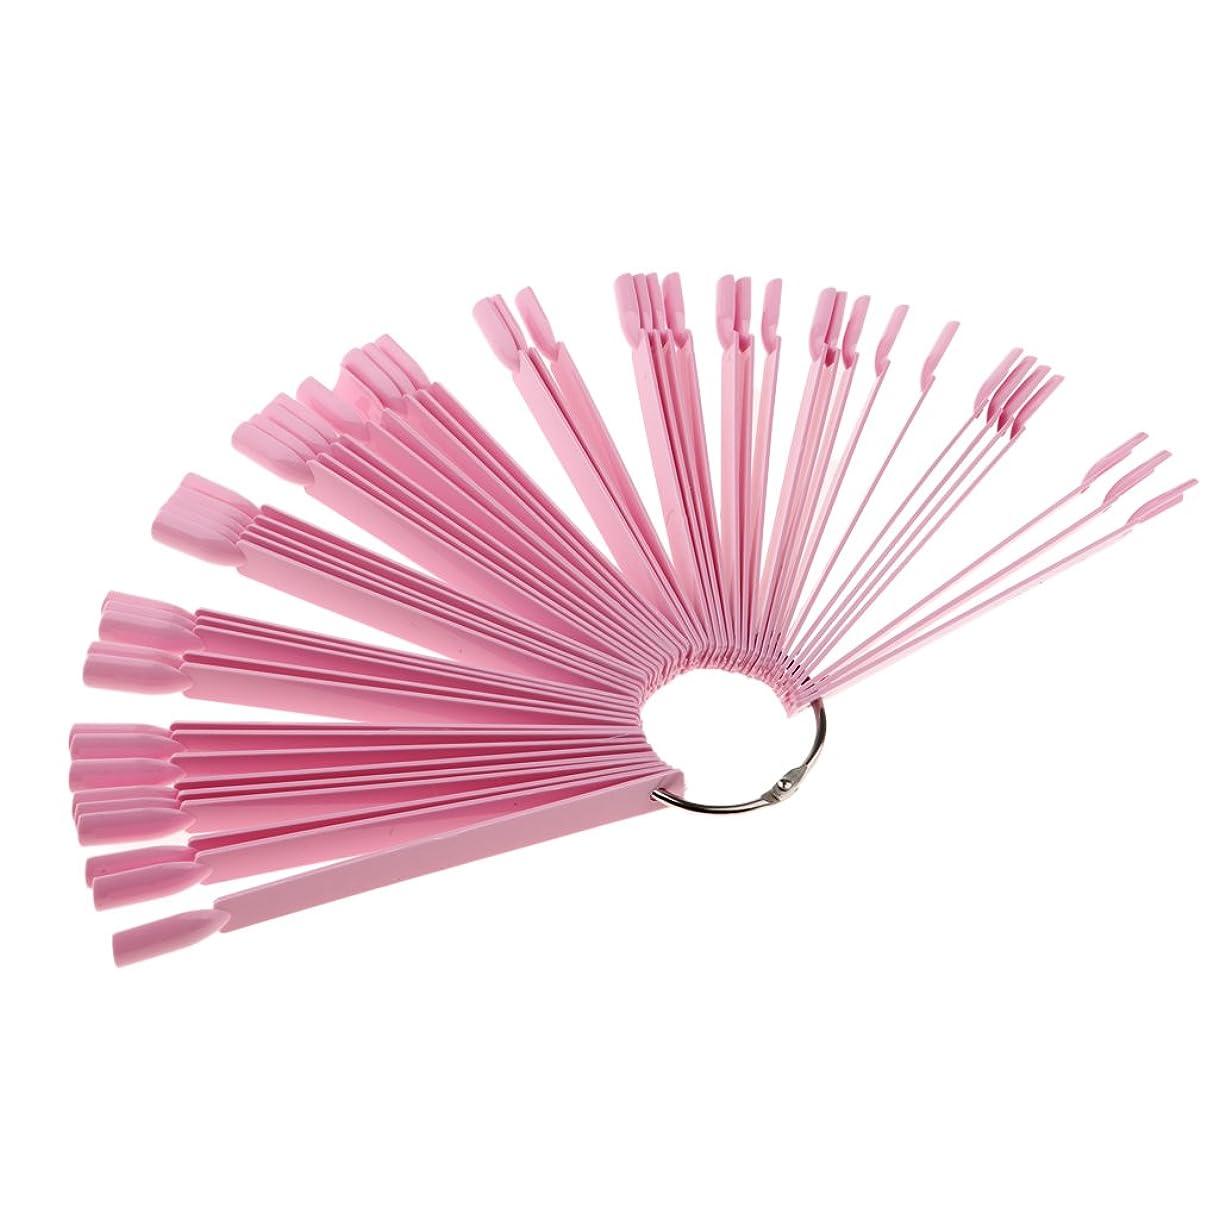 ベギン保険をかけるずるいネイルアート ヒントボード カラースティック ポリッシュ ディスプレイボード 3色選べ - ピンク